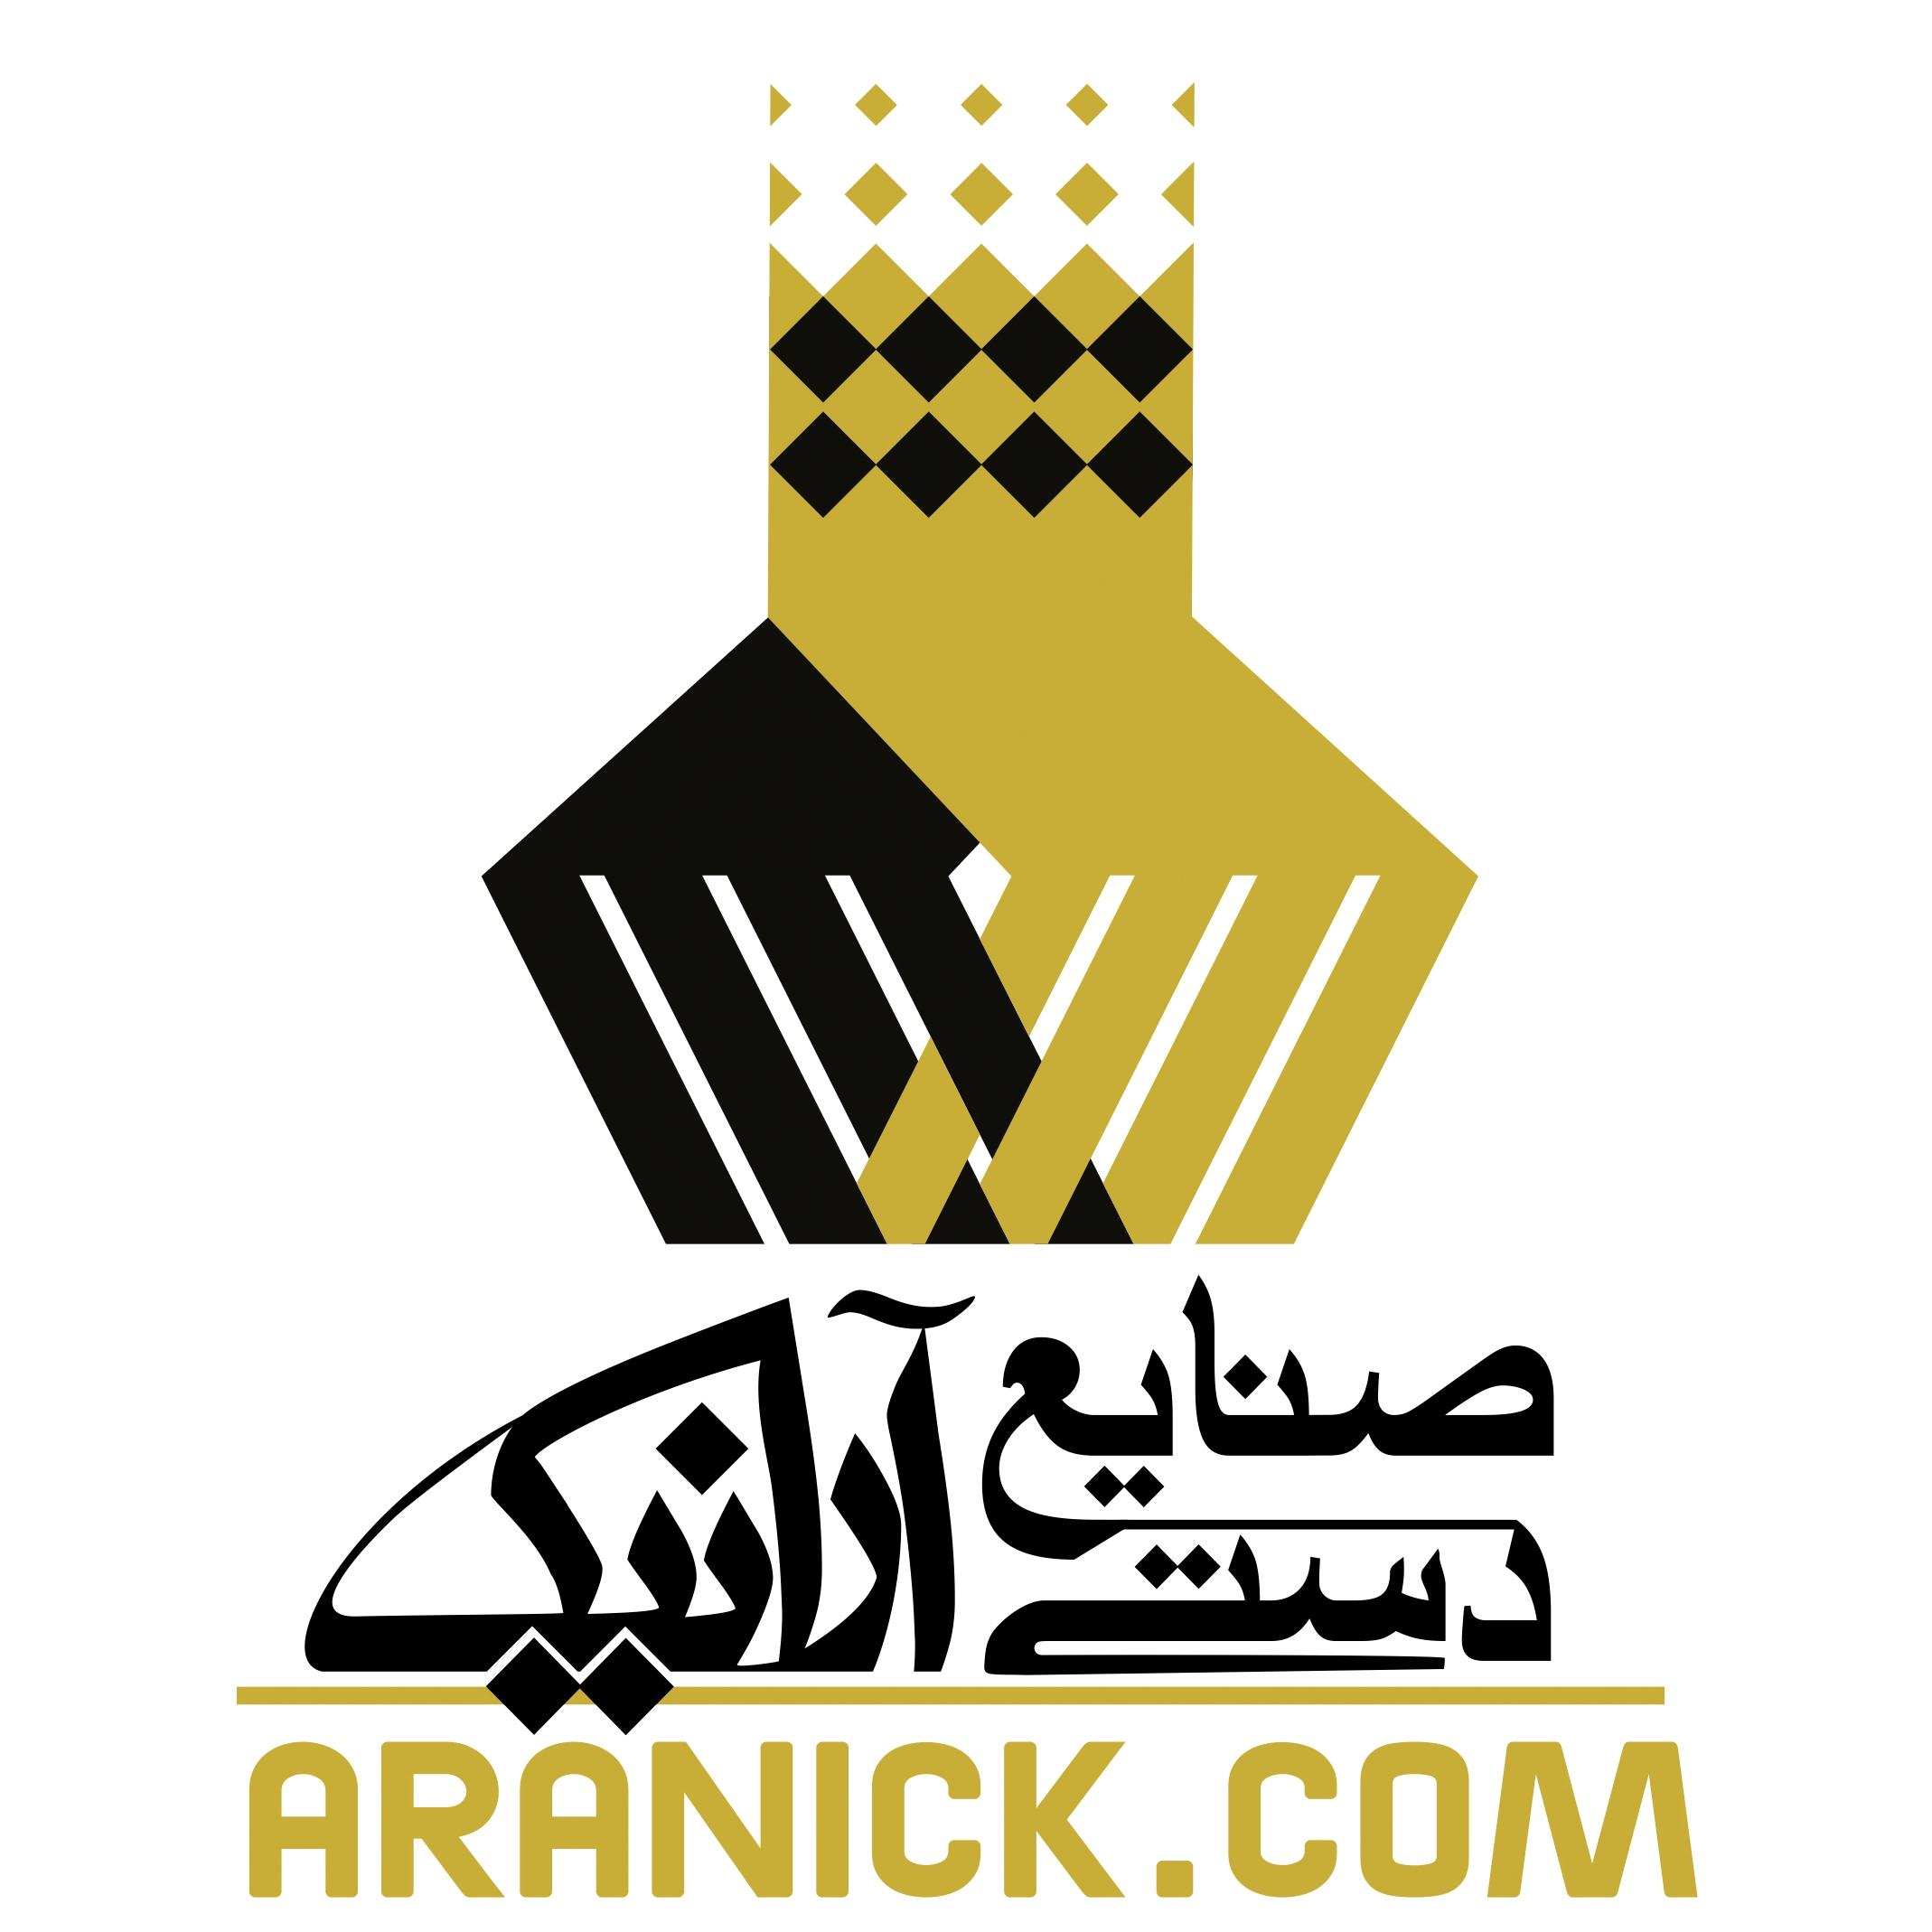 Aranick